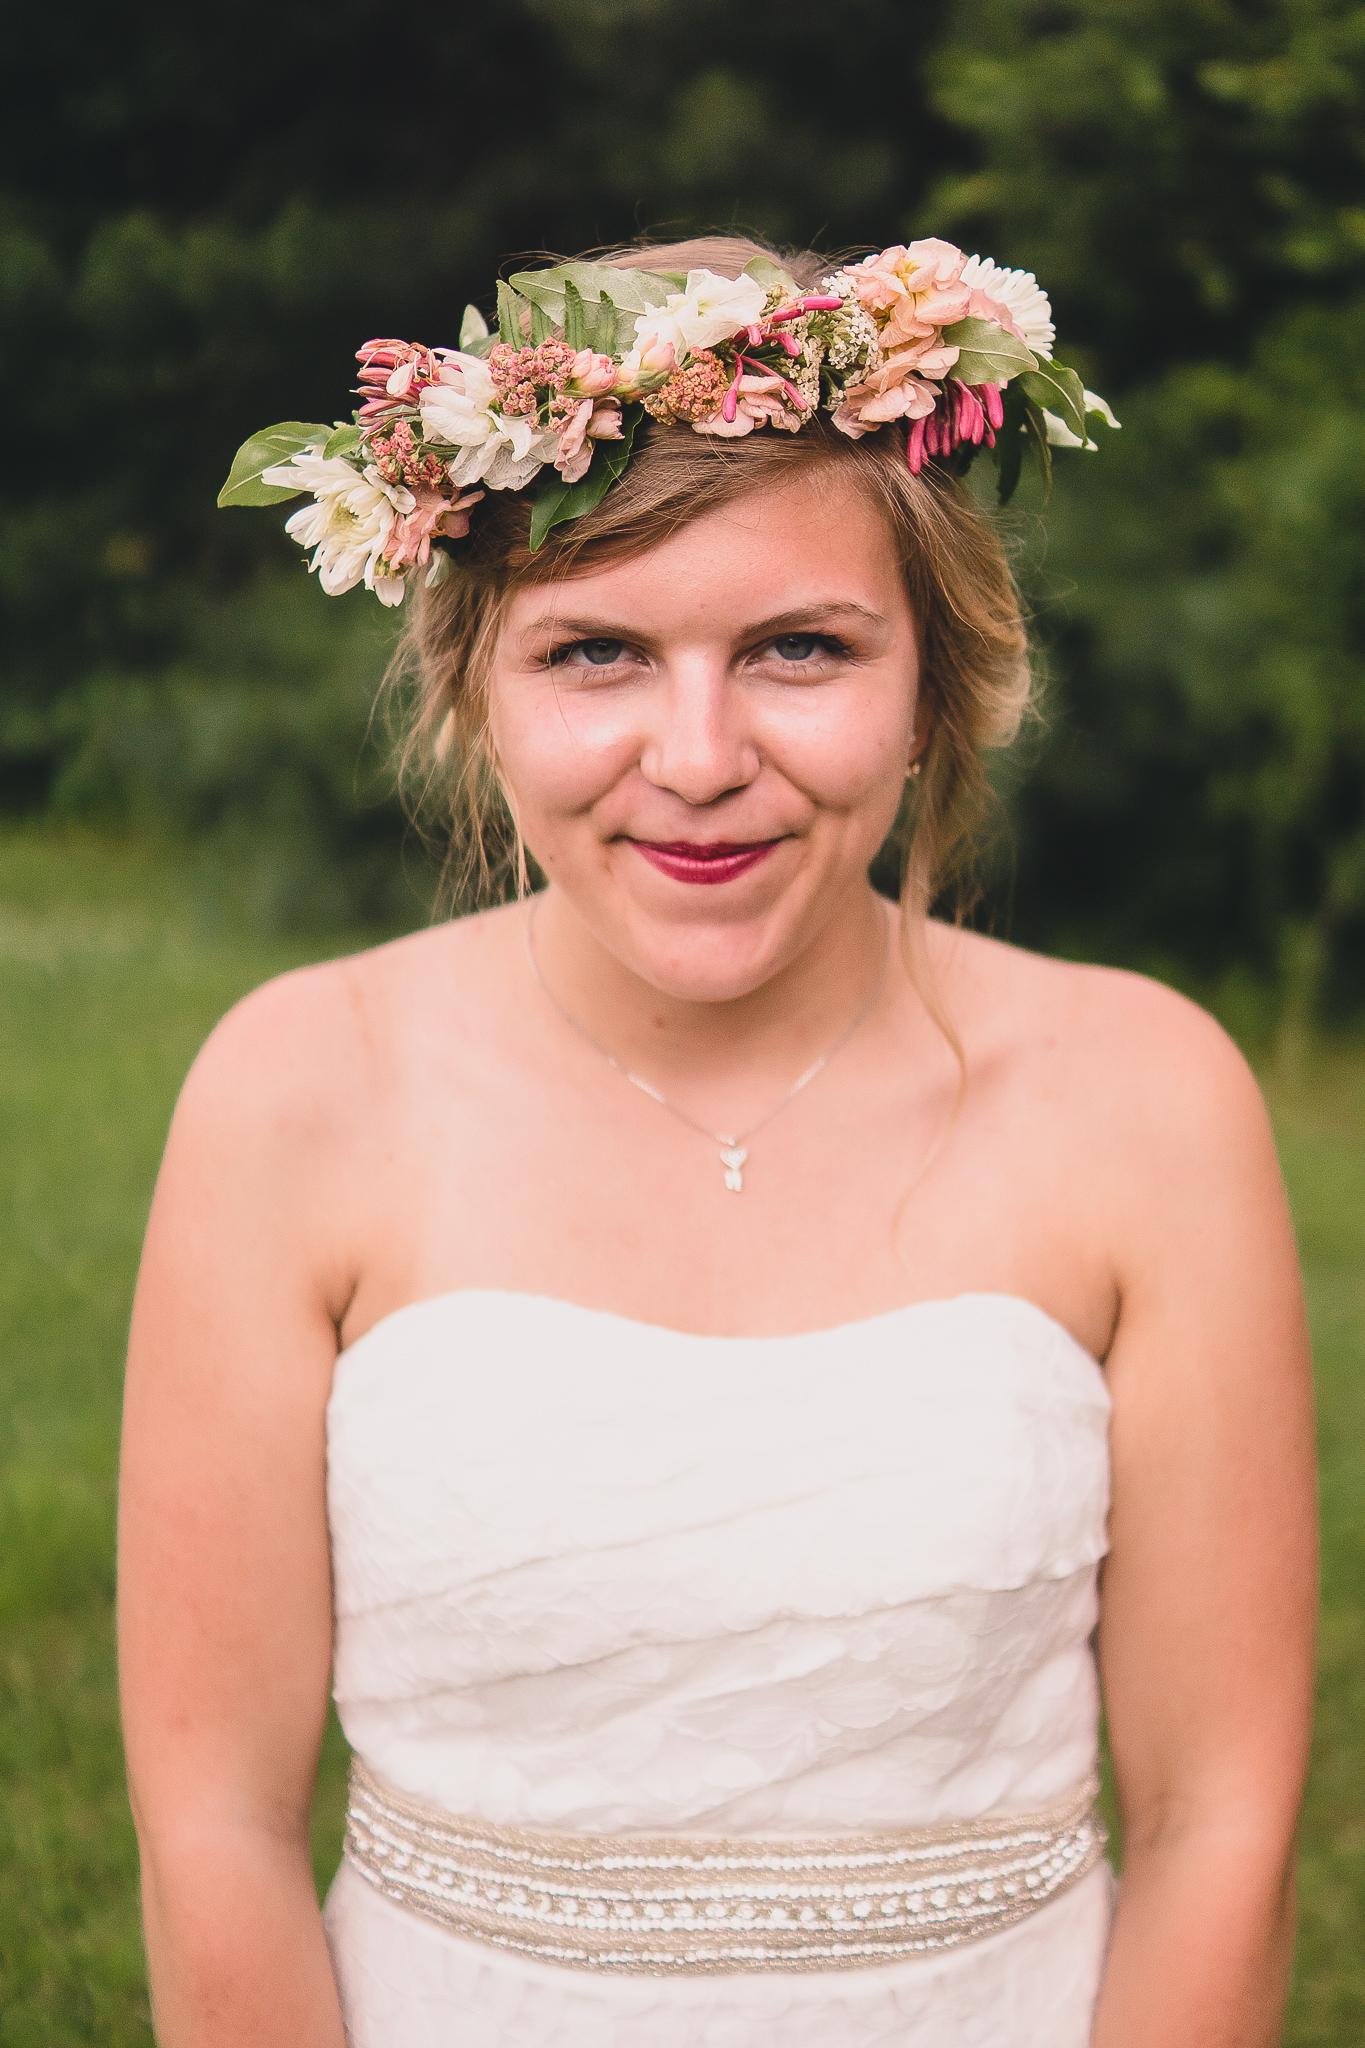 Gretna-Virginia-wedding-getting-ready-29.jpg